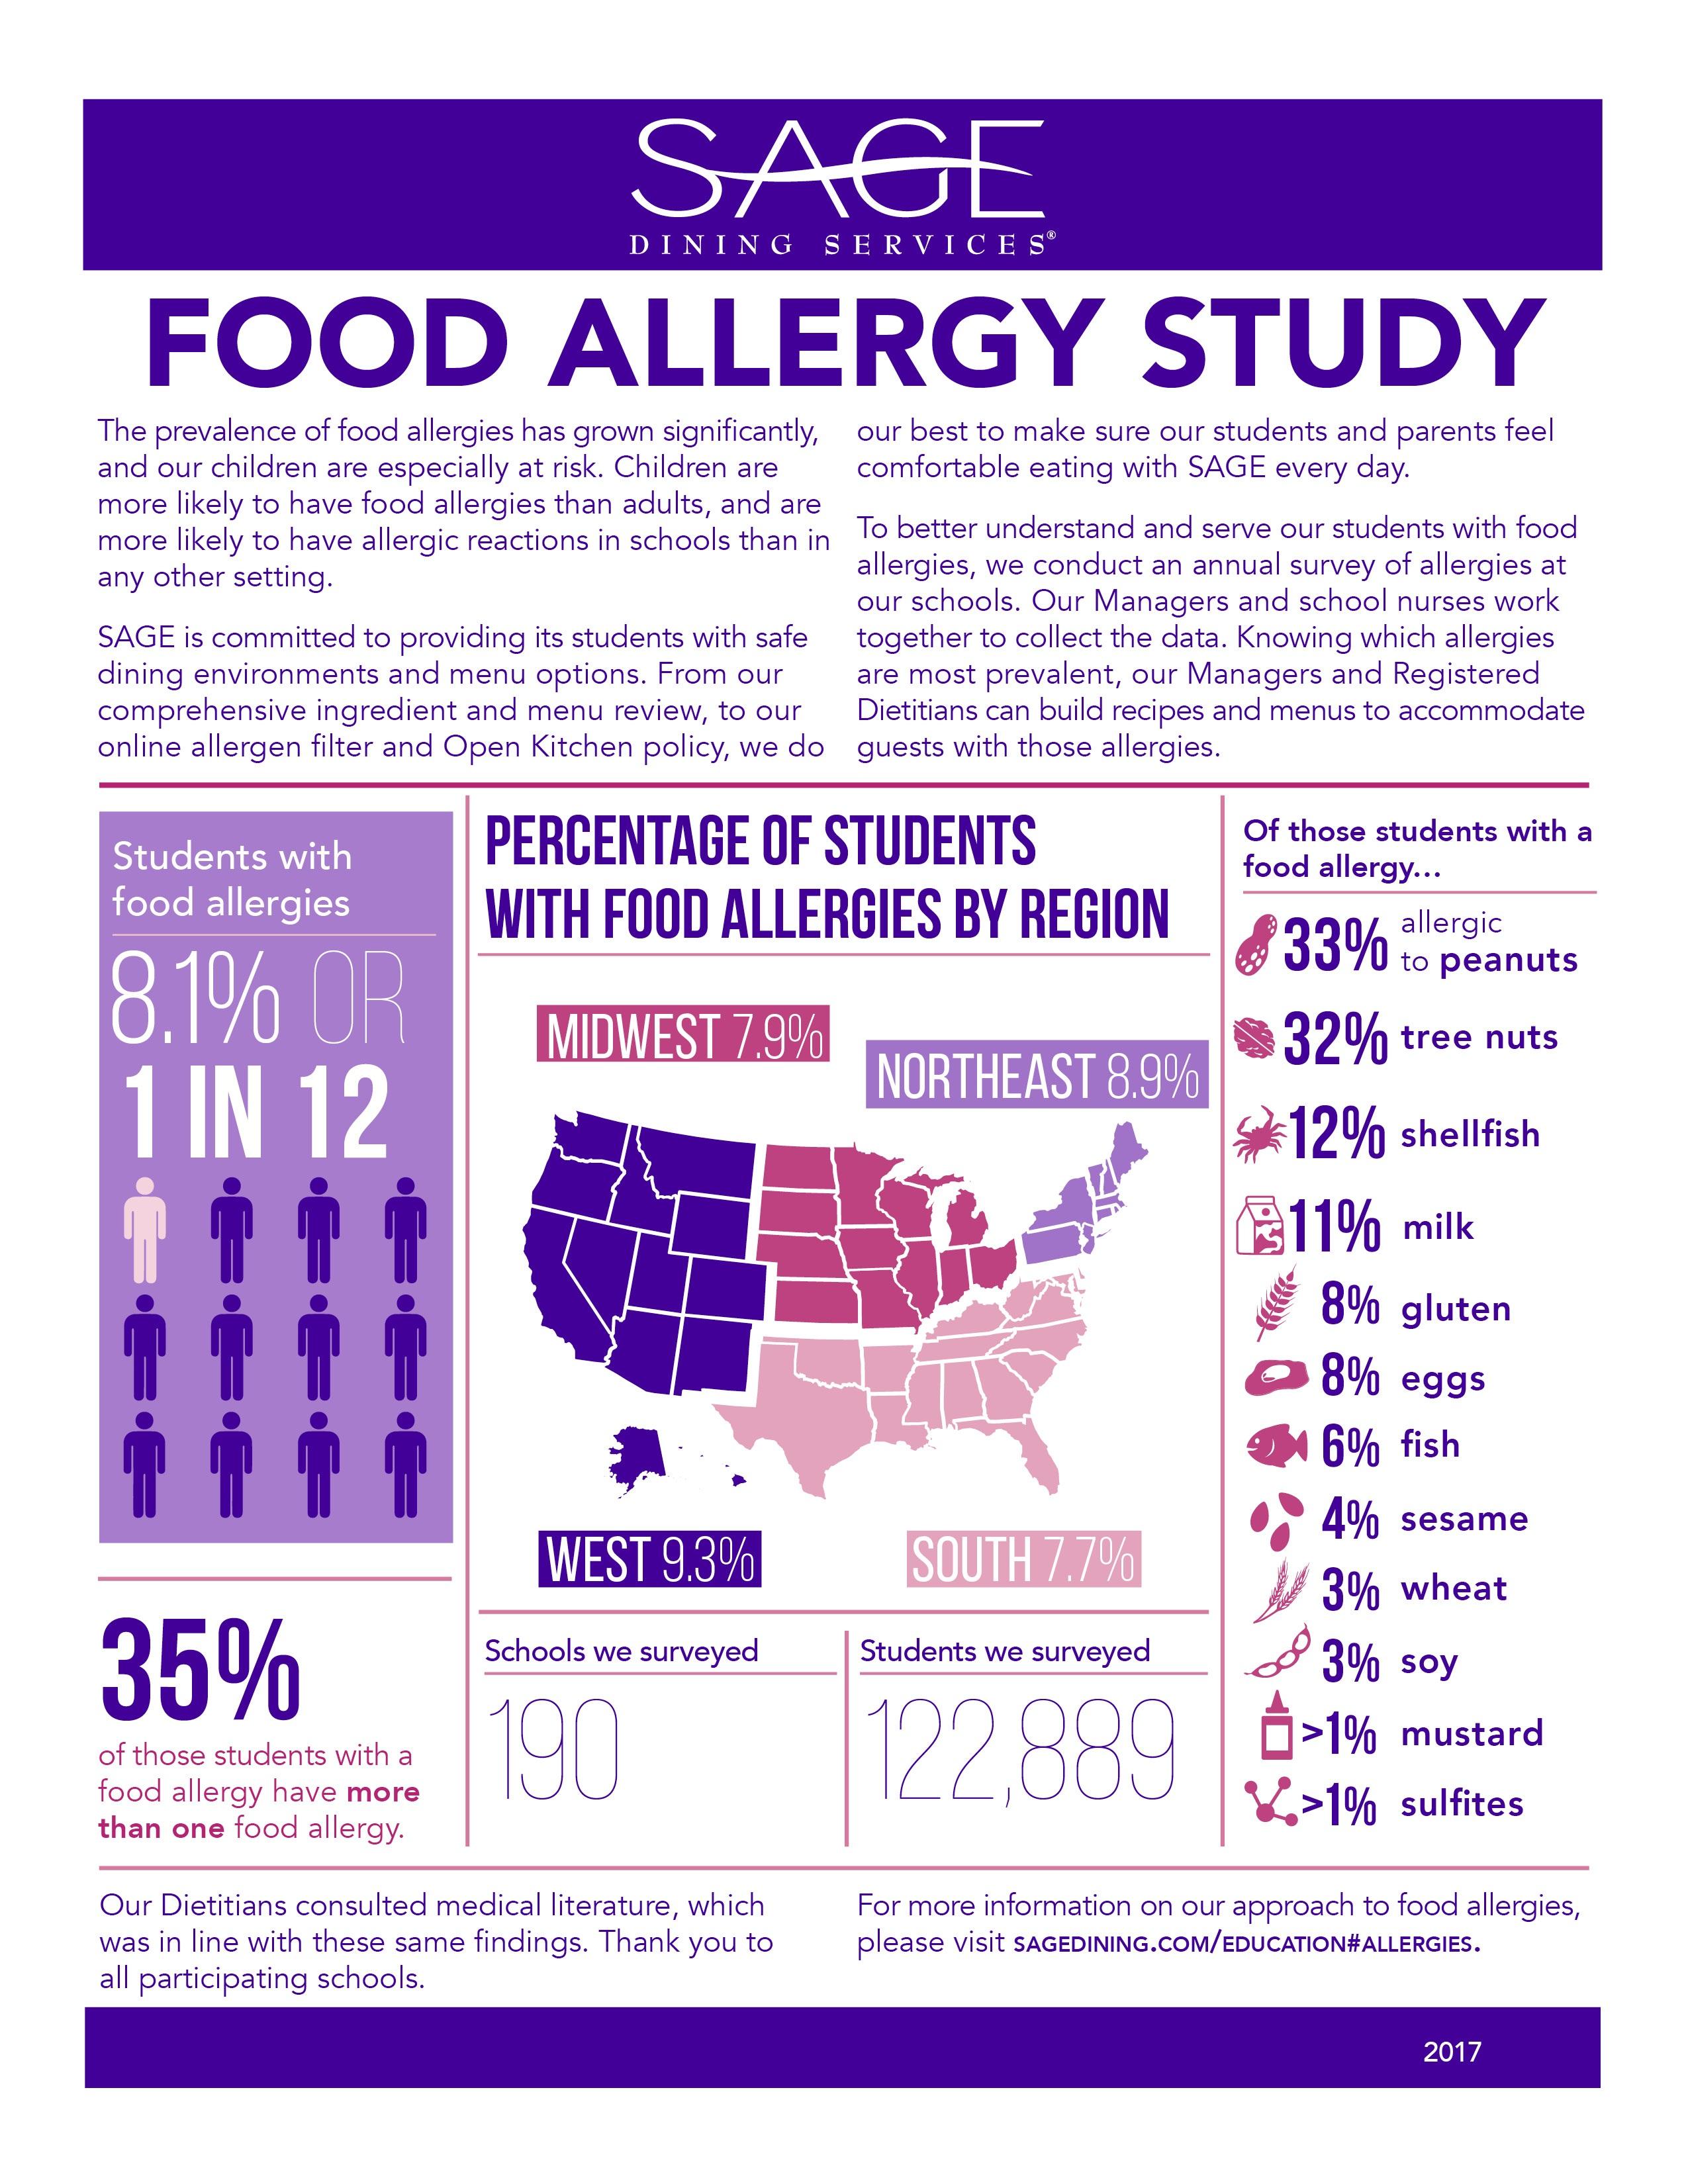 Allergy Infographic 2017 (2)